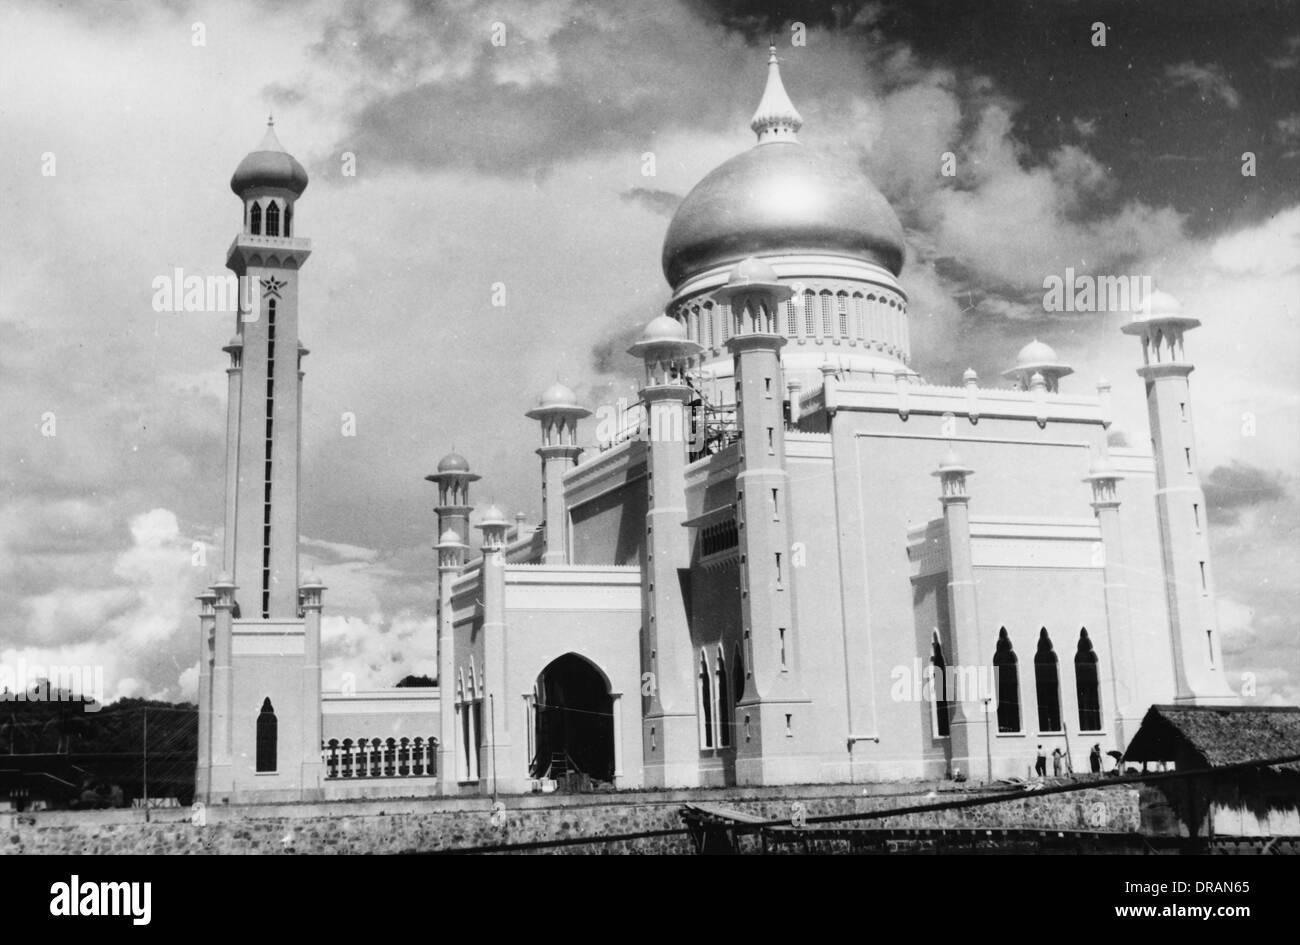 Brunei - Sultan Omar Ali Saifuddin Mosque - Stock Image